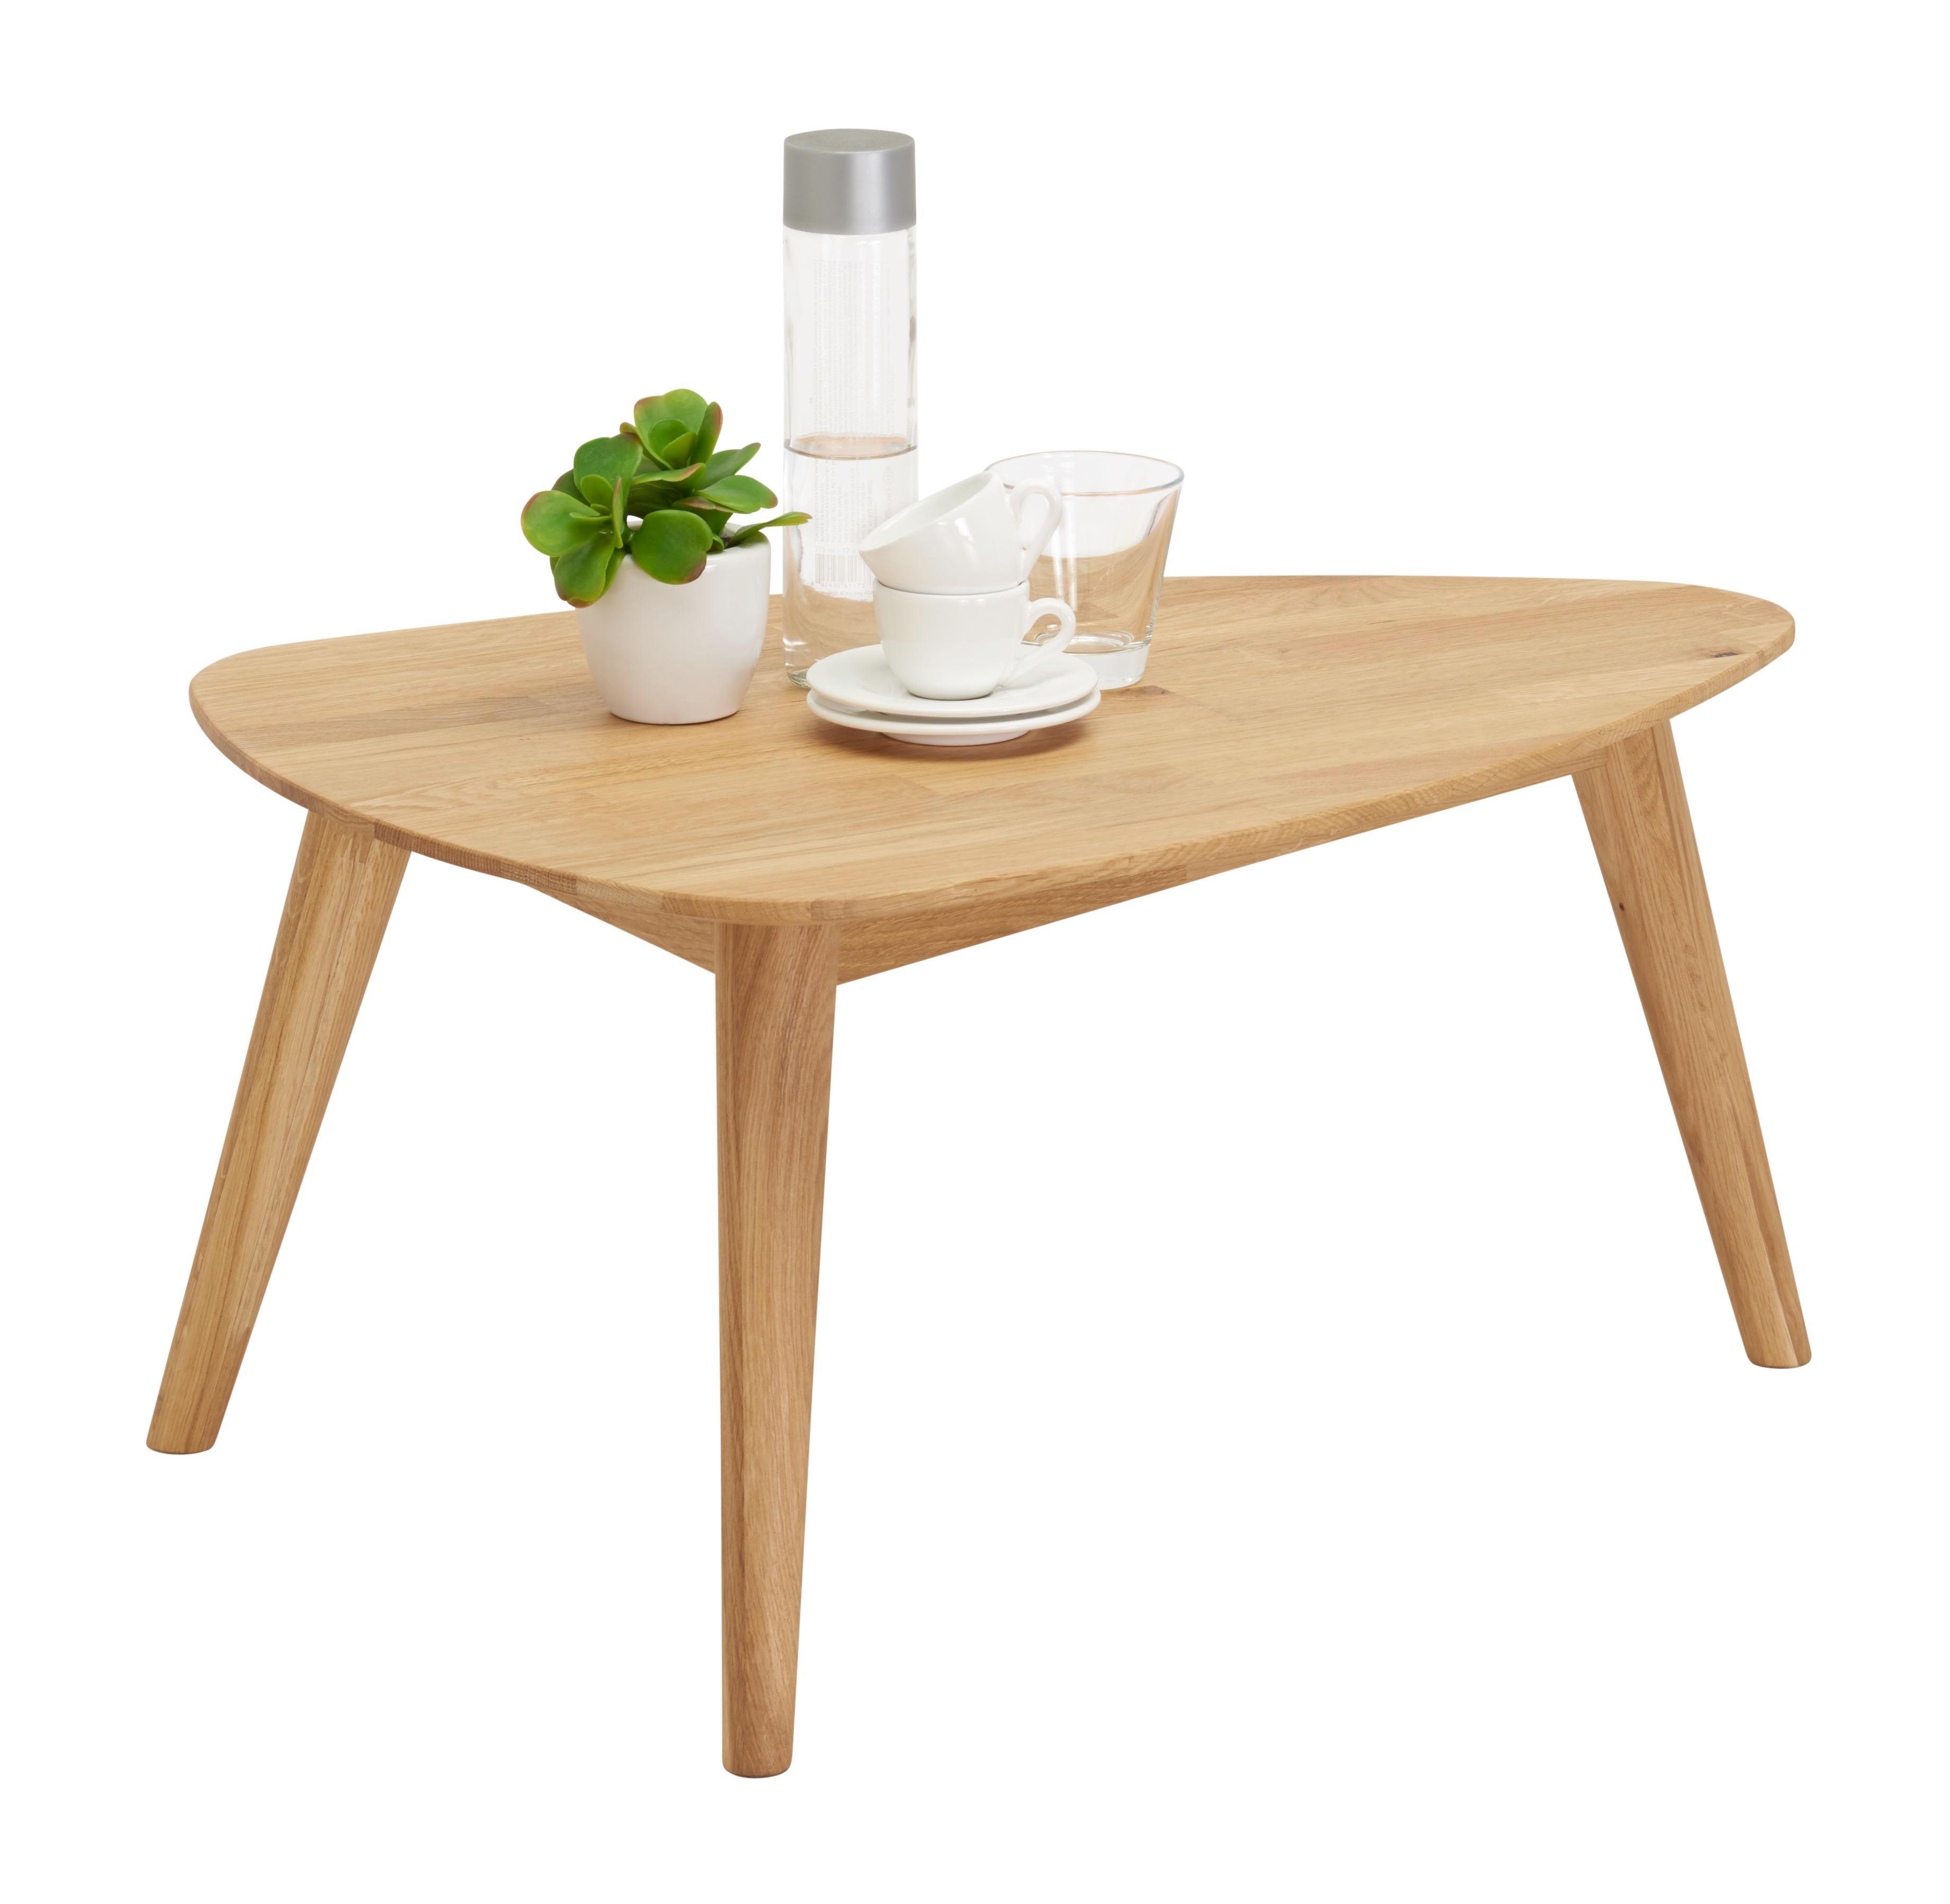 Couchtisch Holz Massiv Preise Fantastische Ideen Tisch Rund